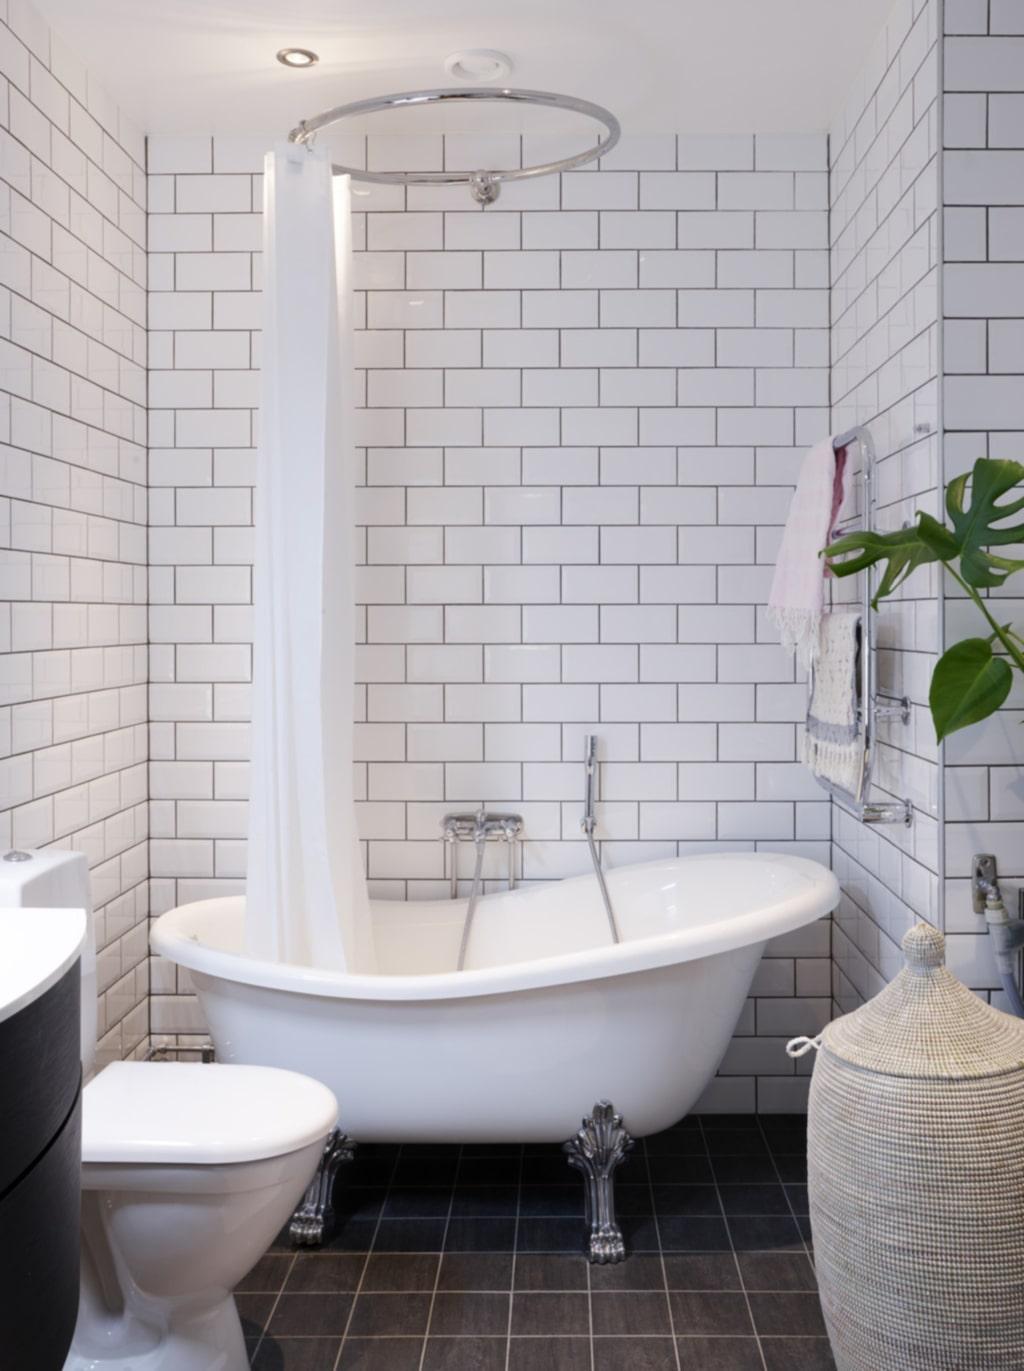 Svart fog. Badrummet har vitt kakel med svart fog och ett badkar med lejontassar.